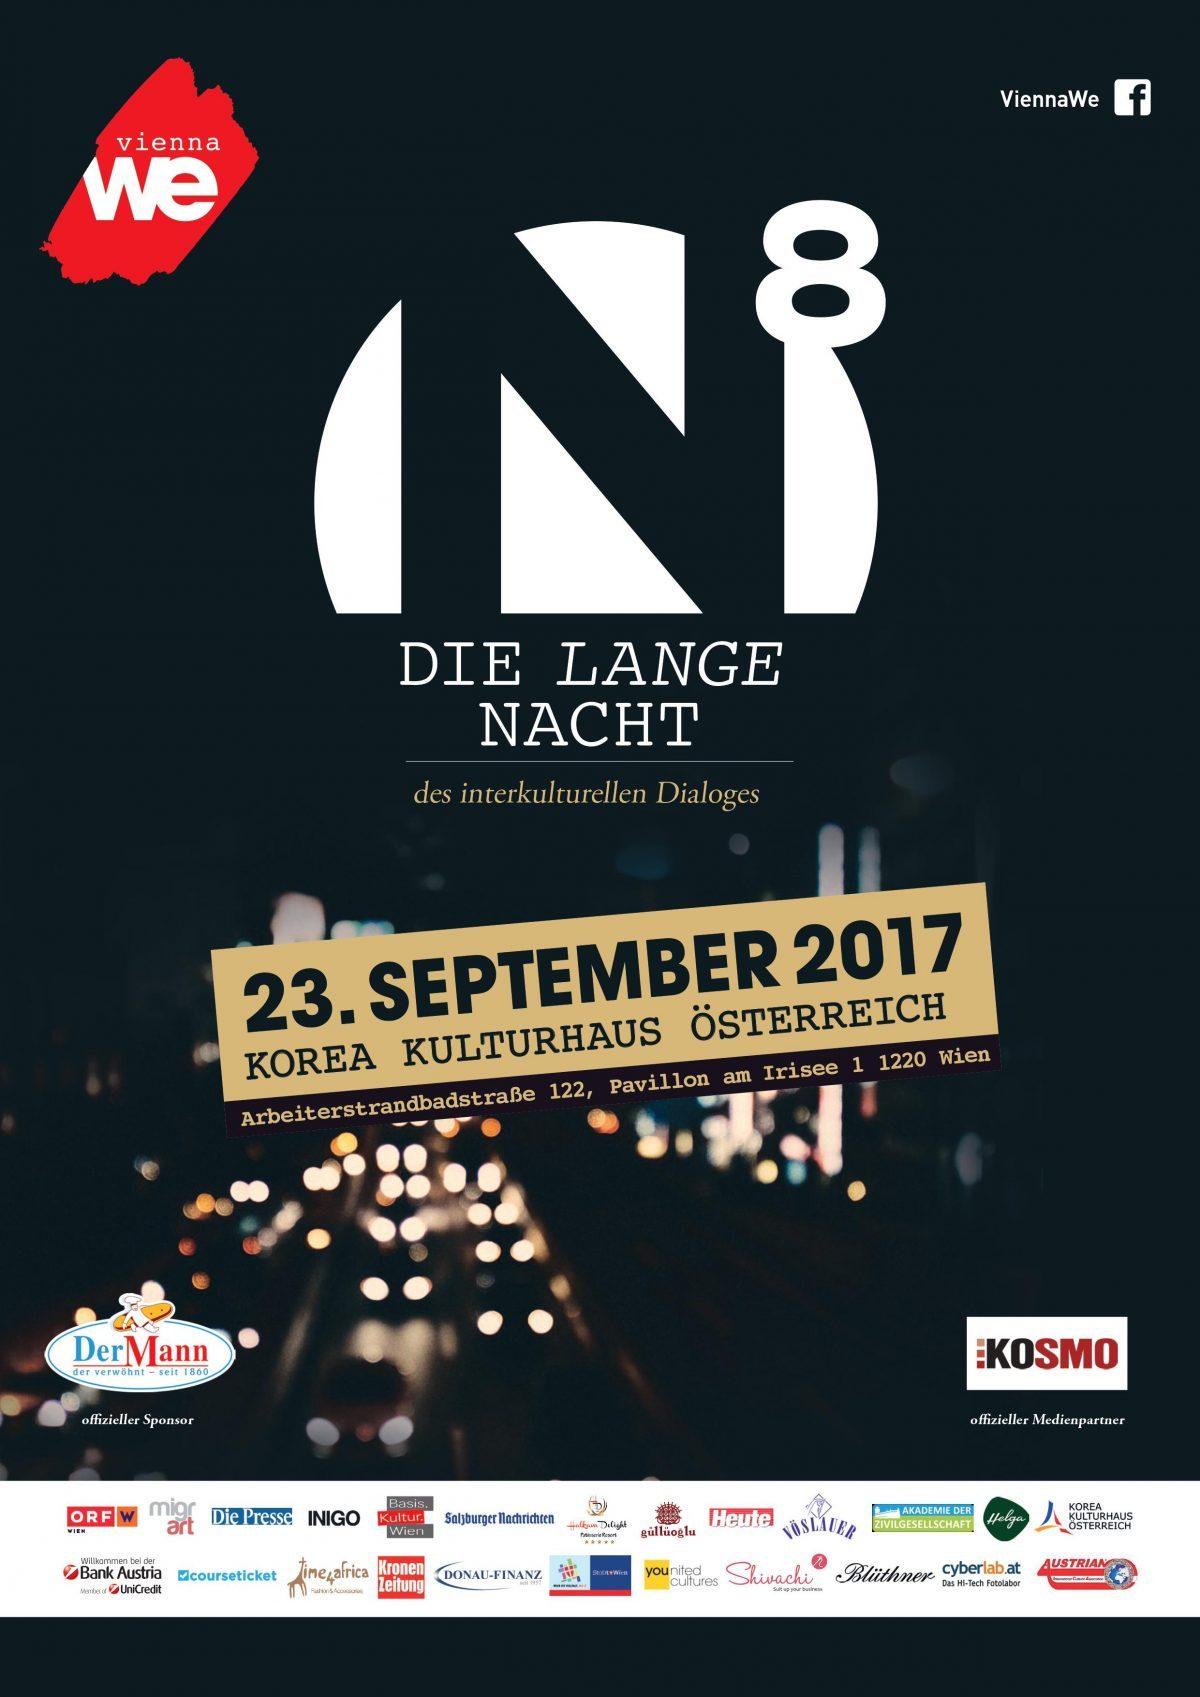 Die Lange Nacht des interkulturellen Dialogs